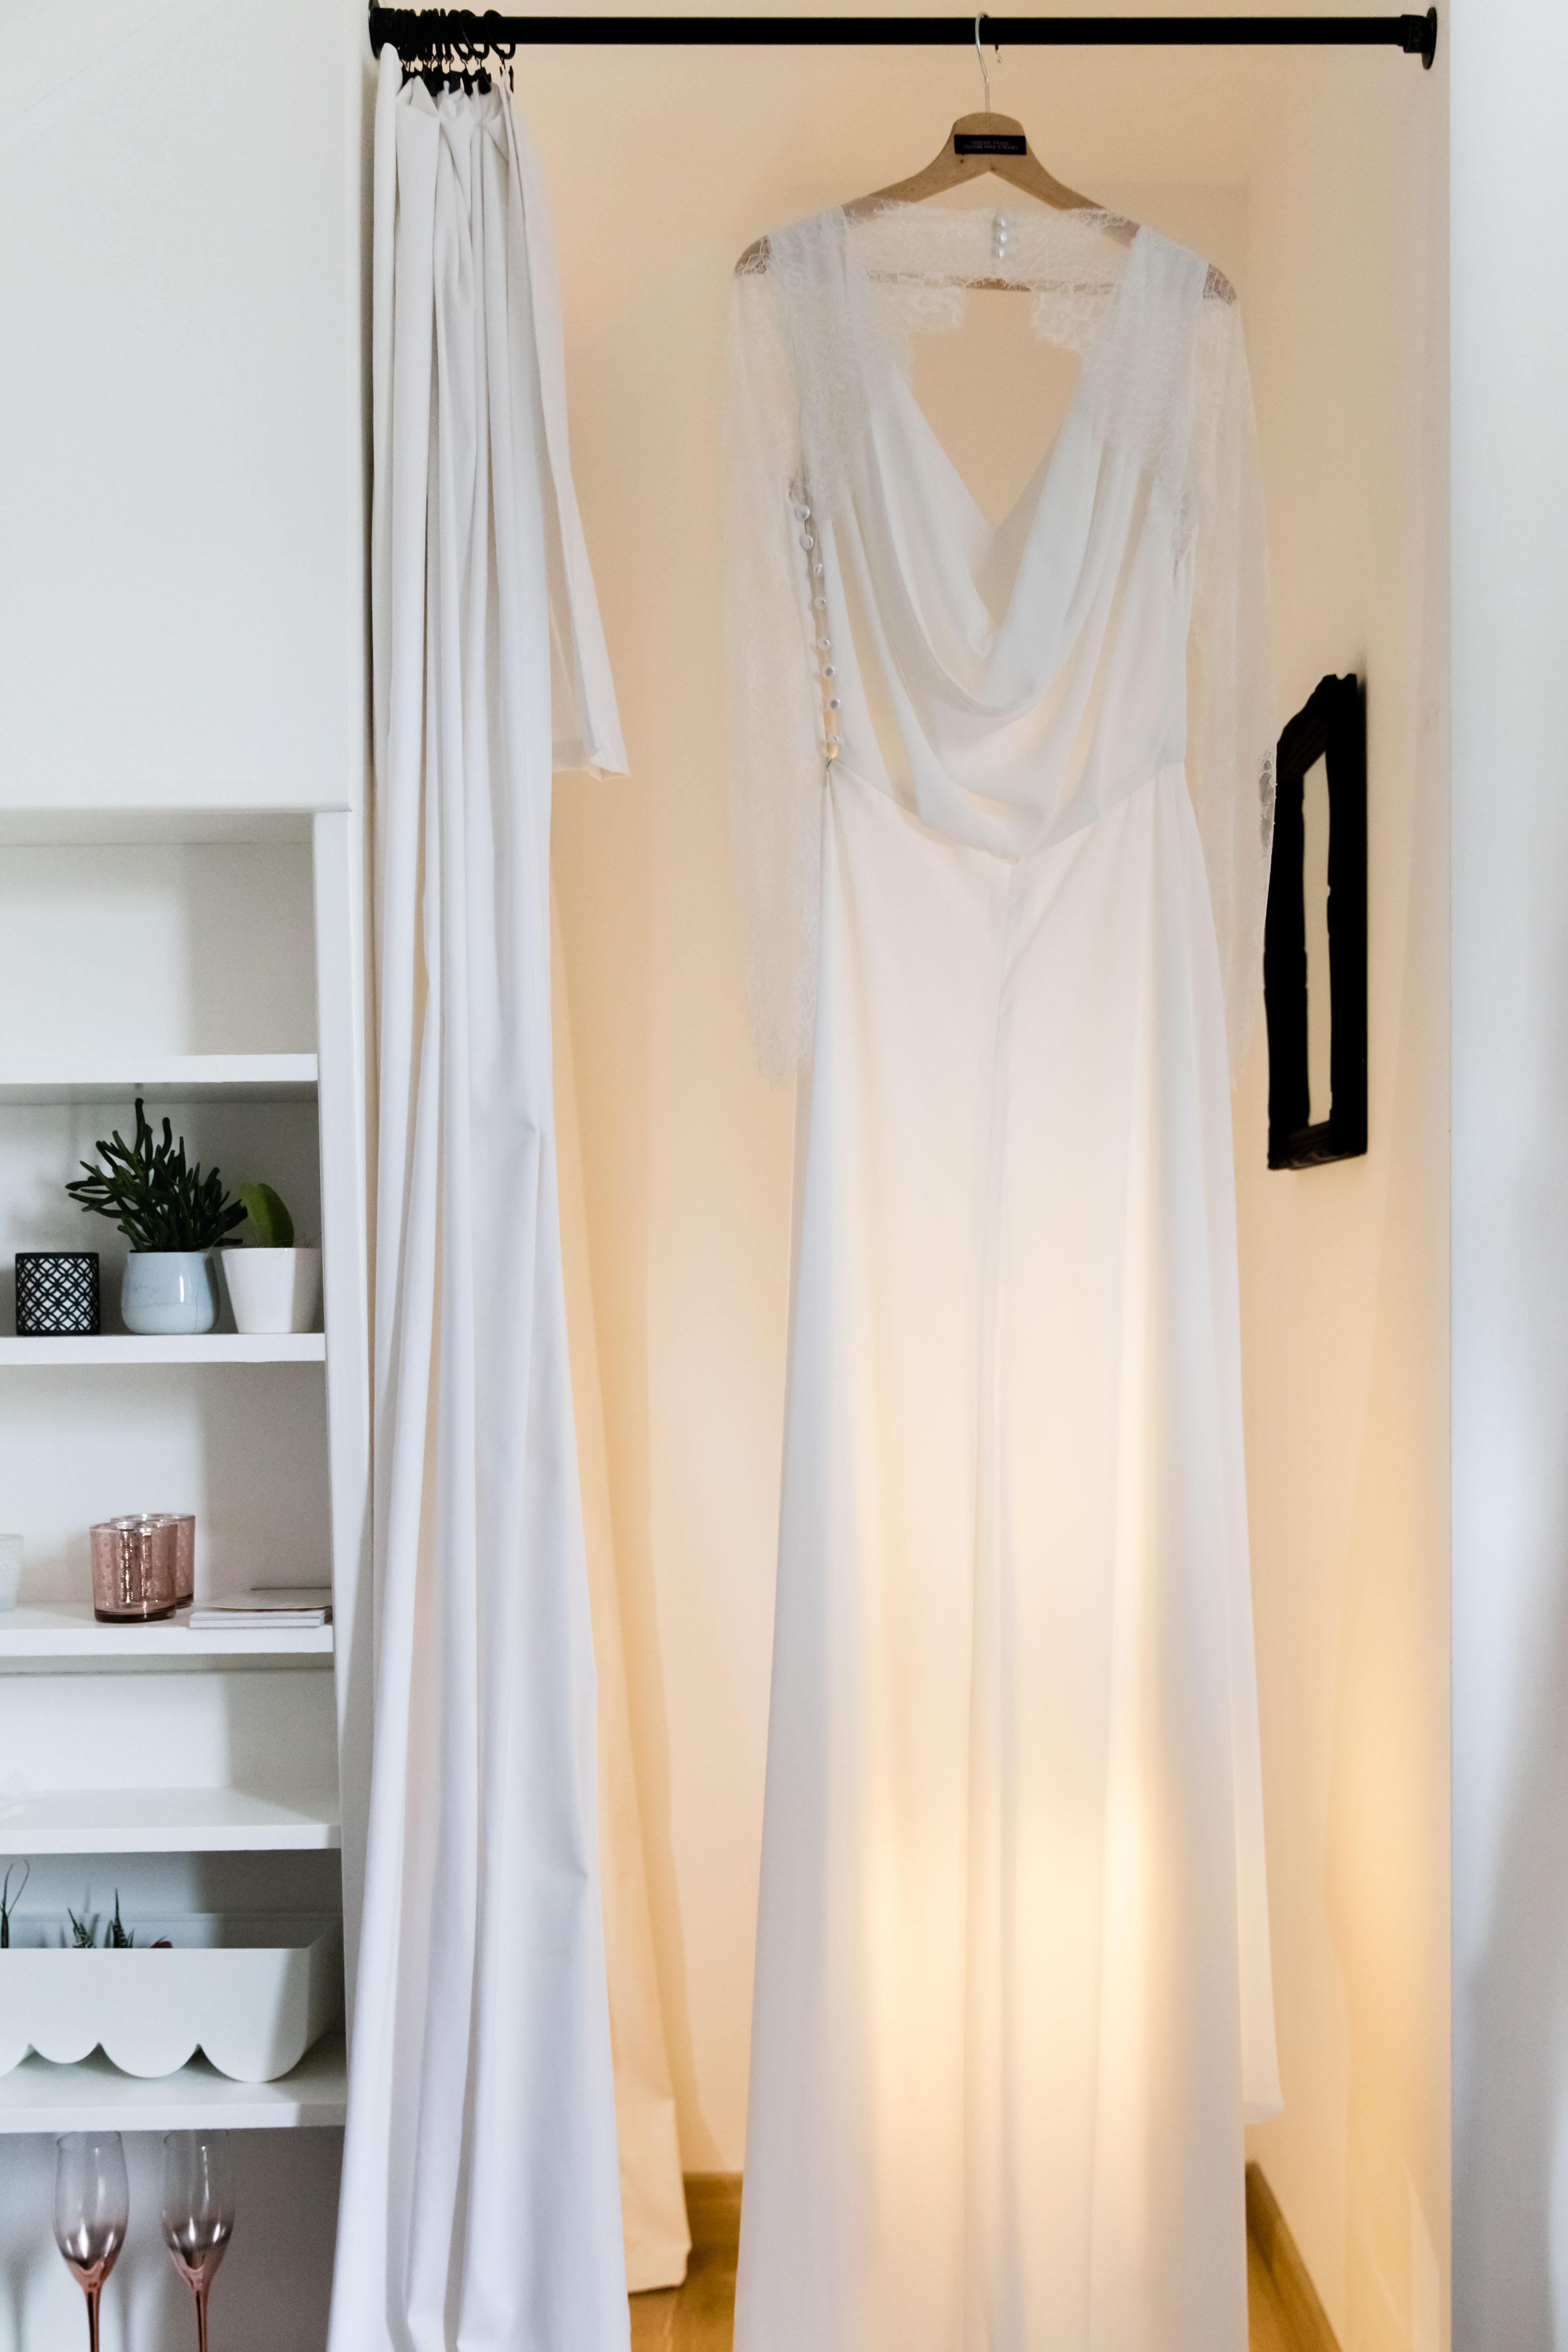 2018-03-03 - SHOOTING robe de mariée - Pascale Pajoul - 40